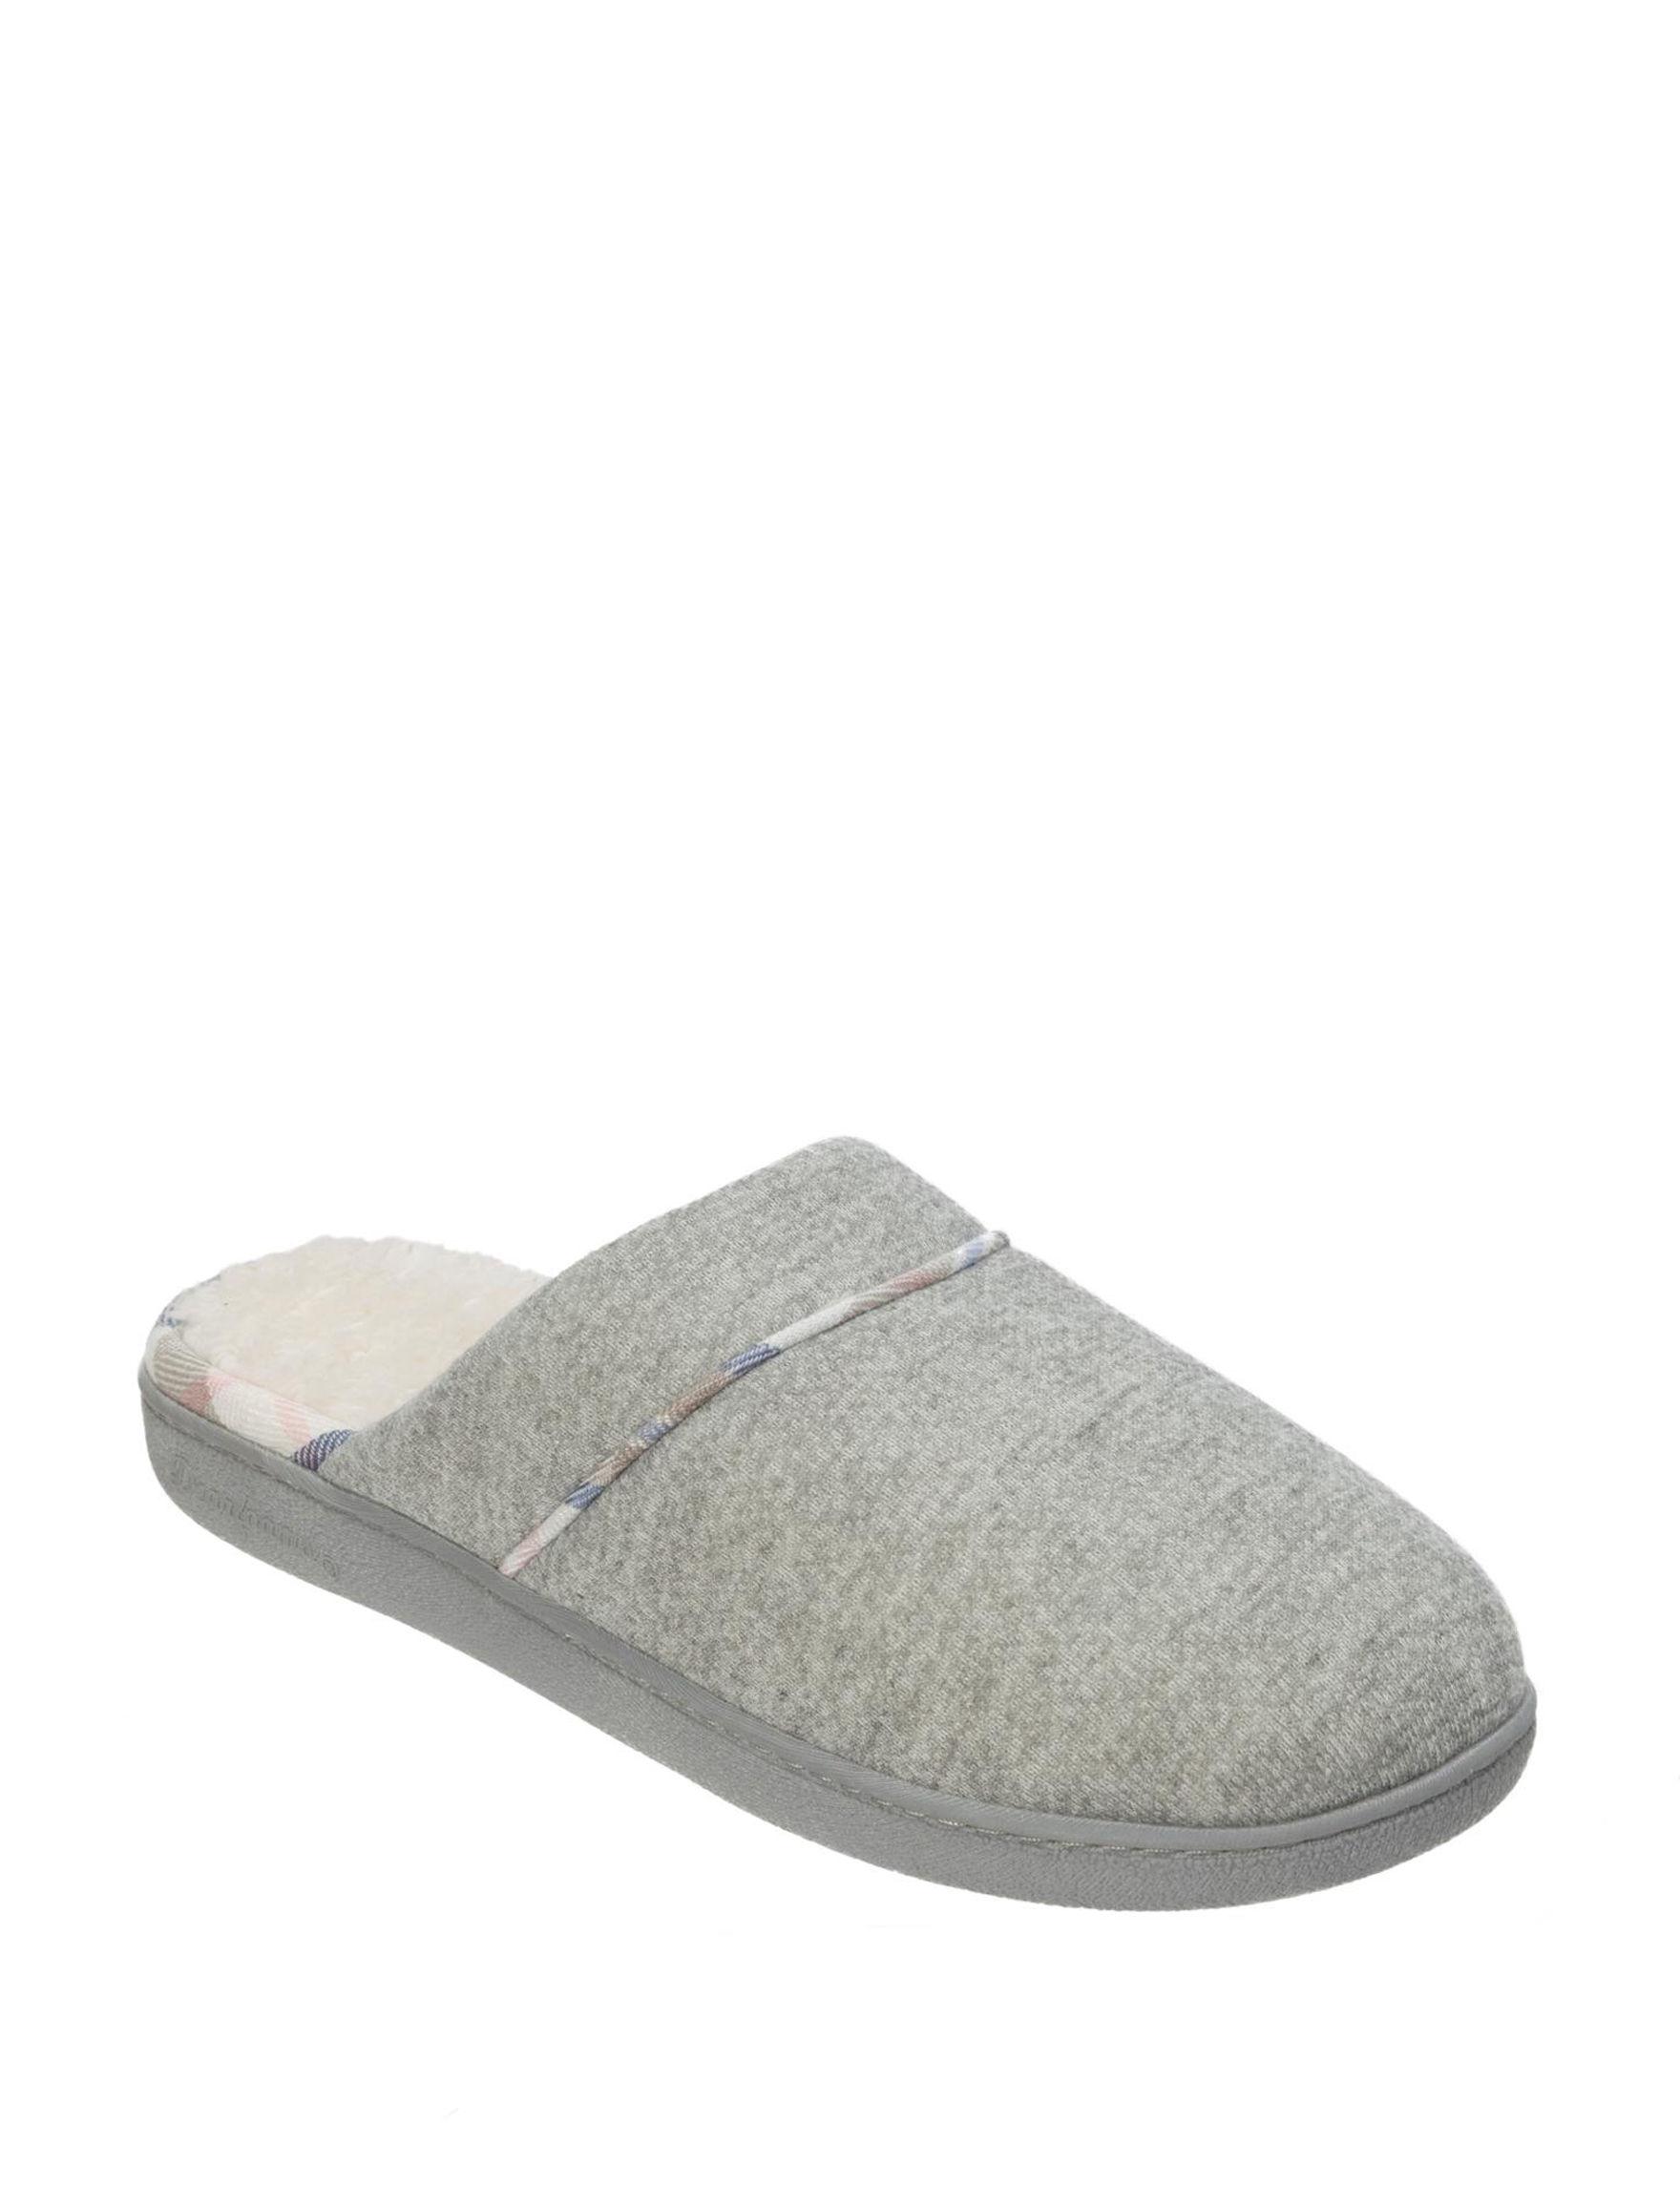 Dearfoams Light Grey